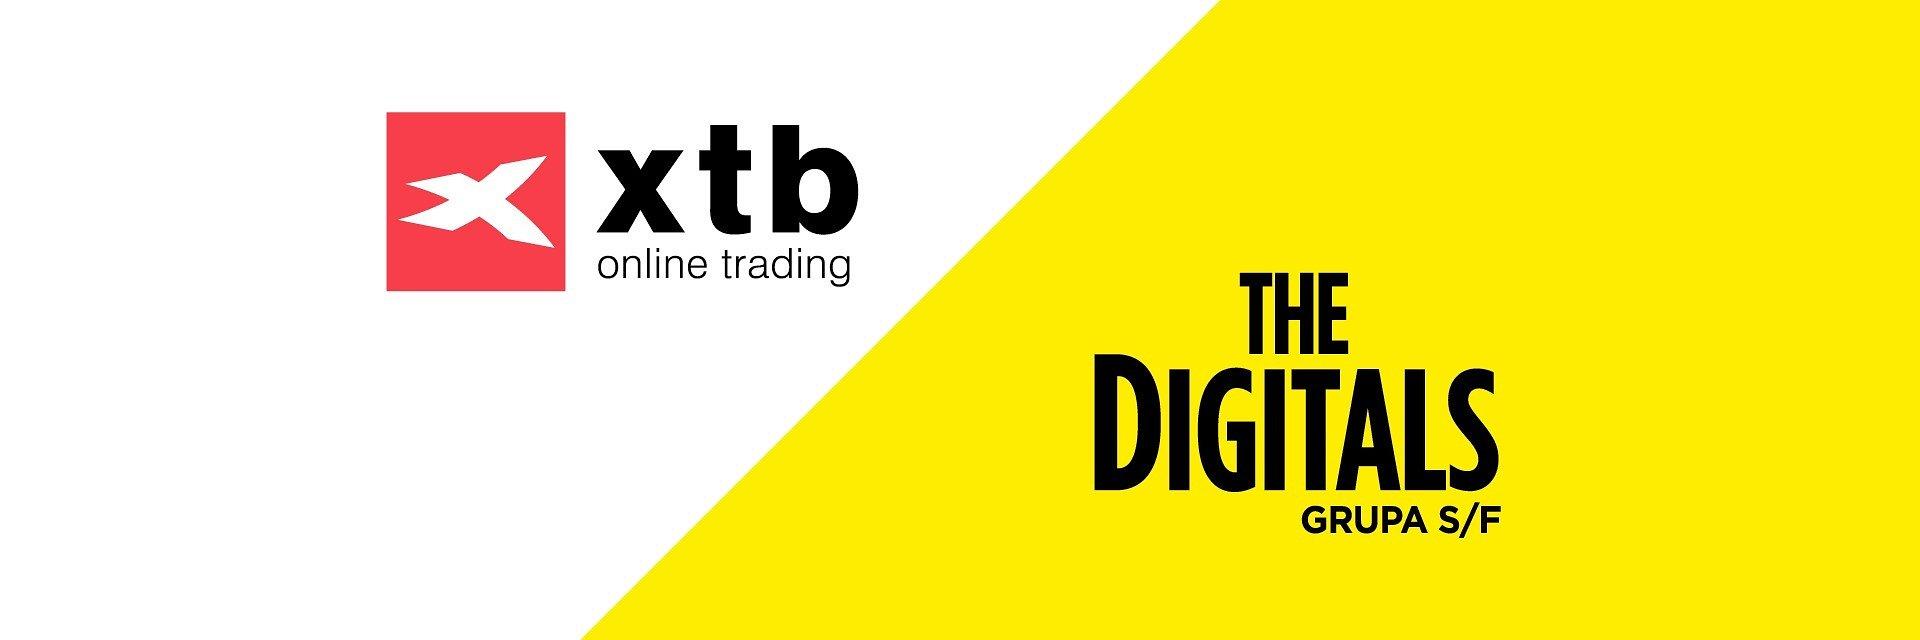 The Digitals (Grupa S/F) będzie produkować video content dla XTB